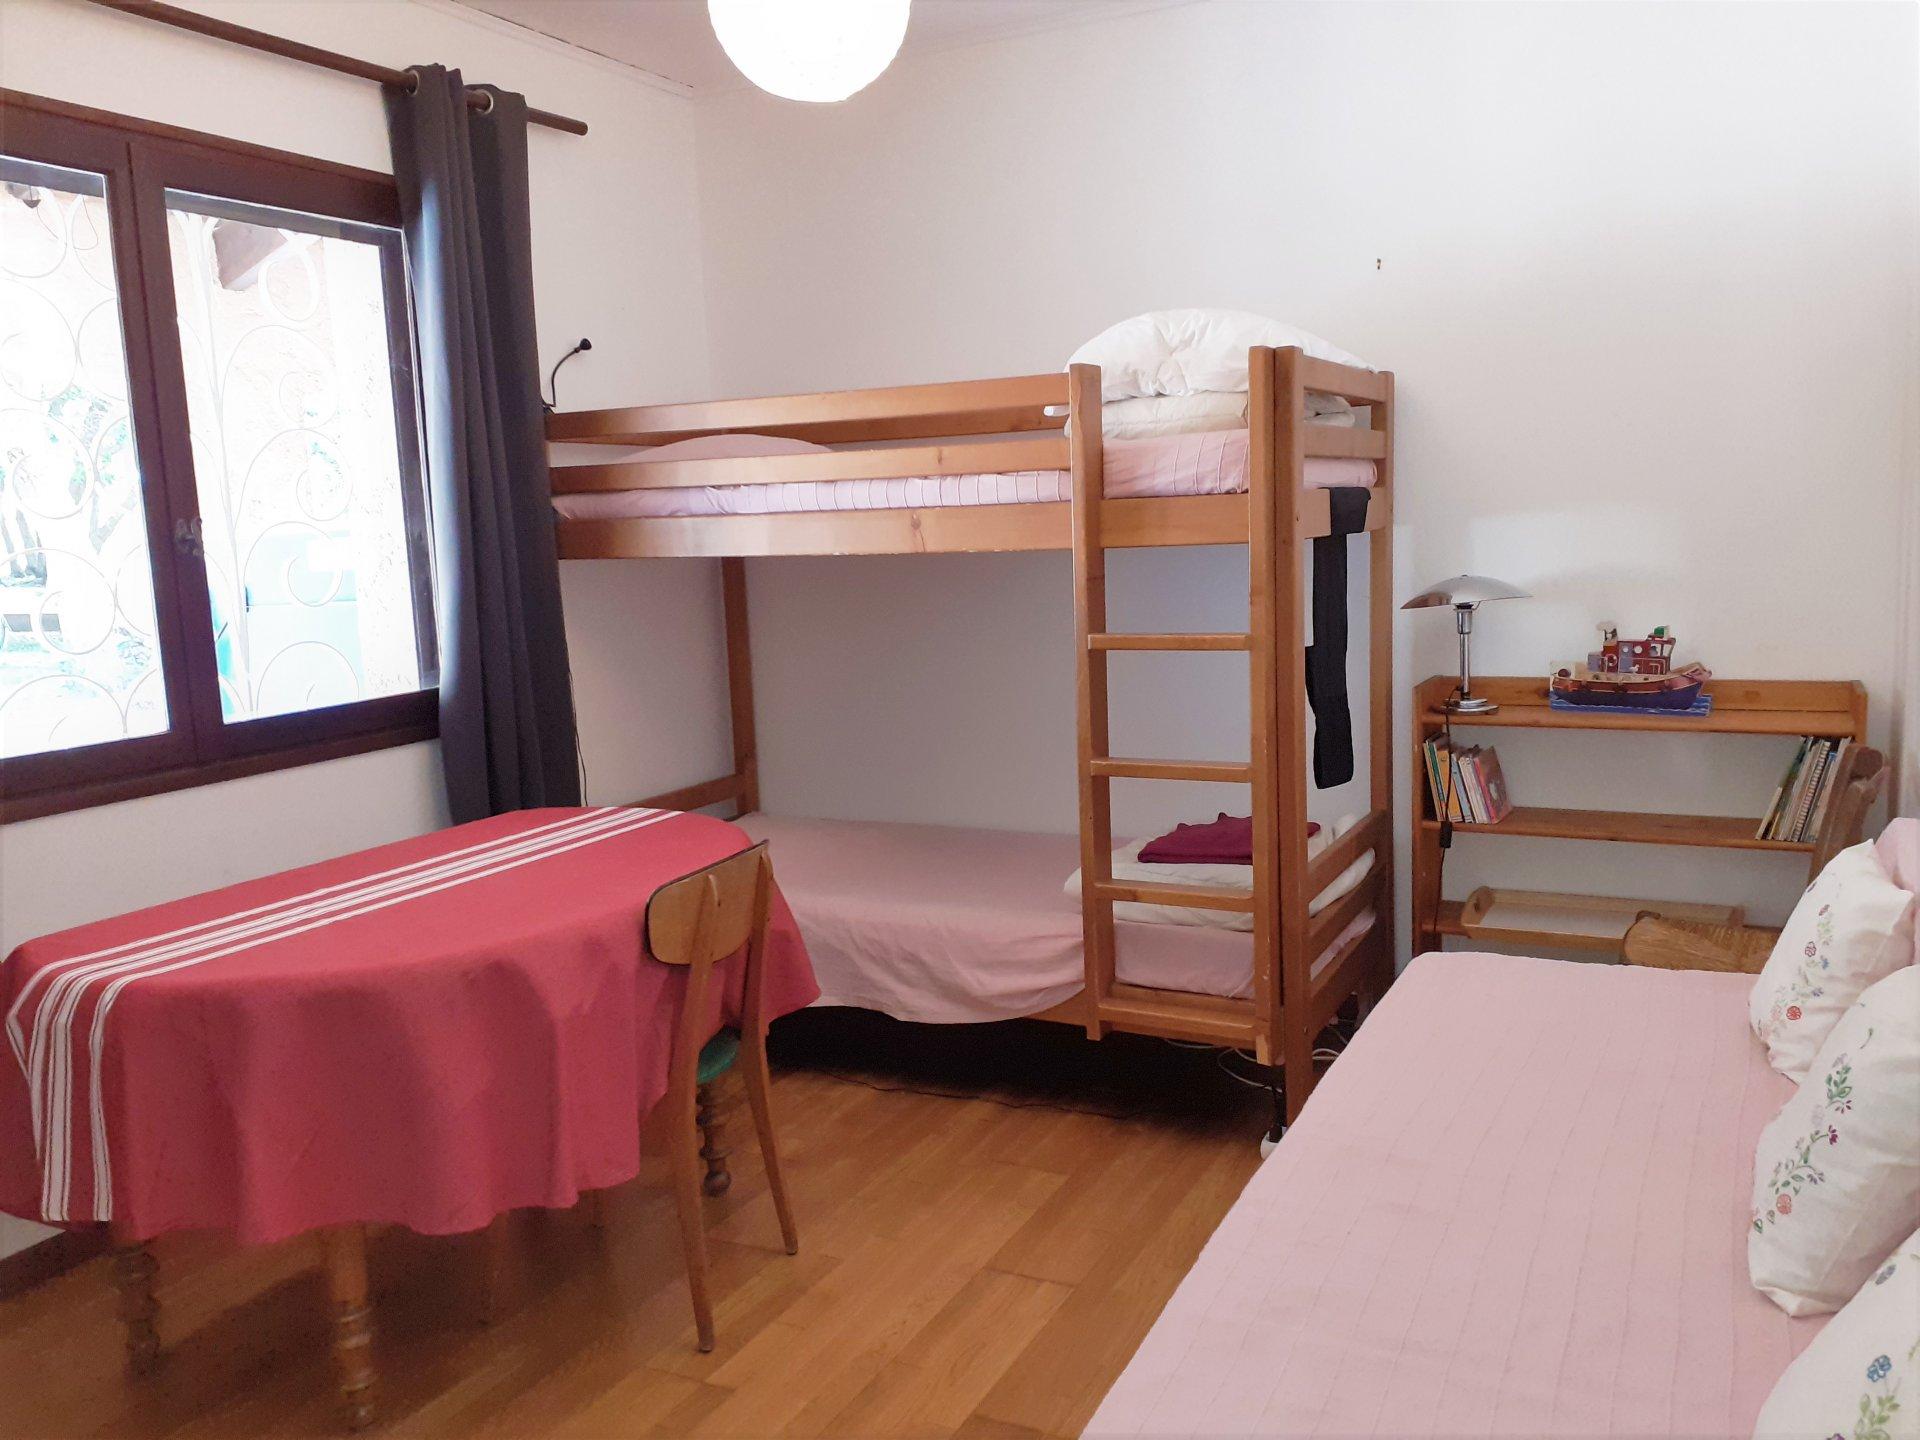 Affitto stagionale Appartamento in villa - Giens